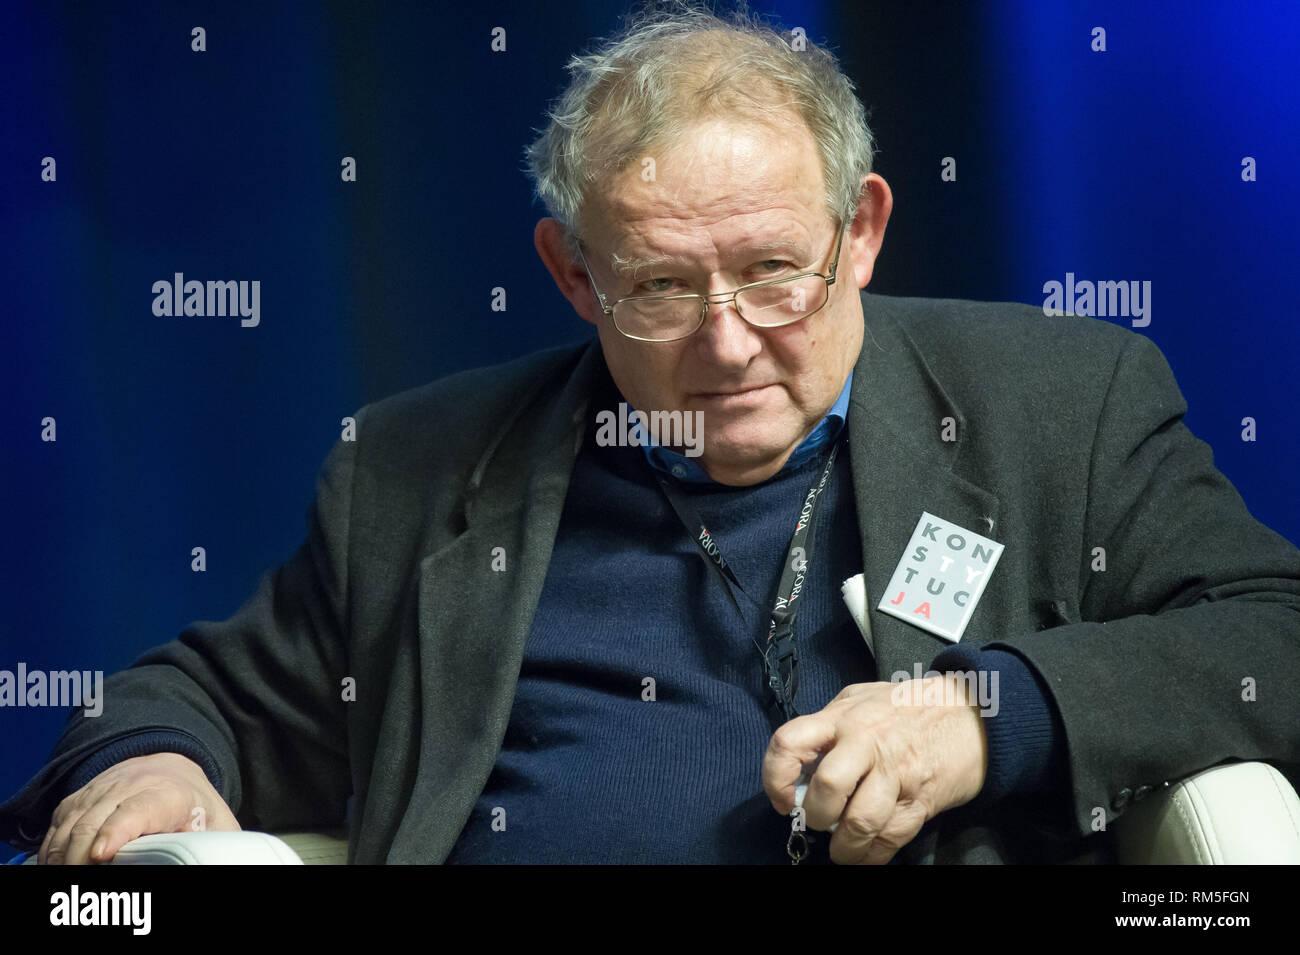 Adam Michnik, editor en jefe del periódico polaco Gazeta Wyborcza y comentarista político en Gdansk, Polonia. El 5 de febrero de 2019 © Wojciech Strozy Foto de stock